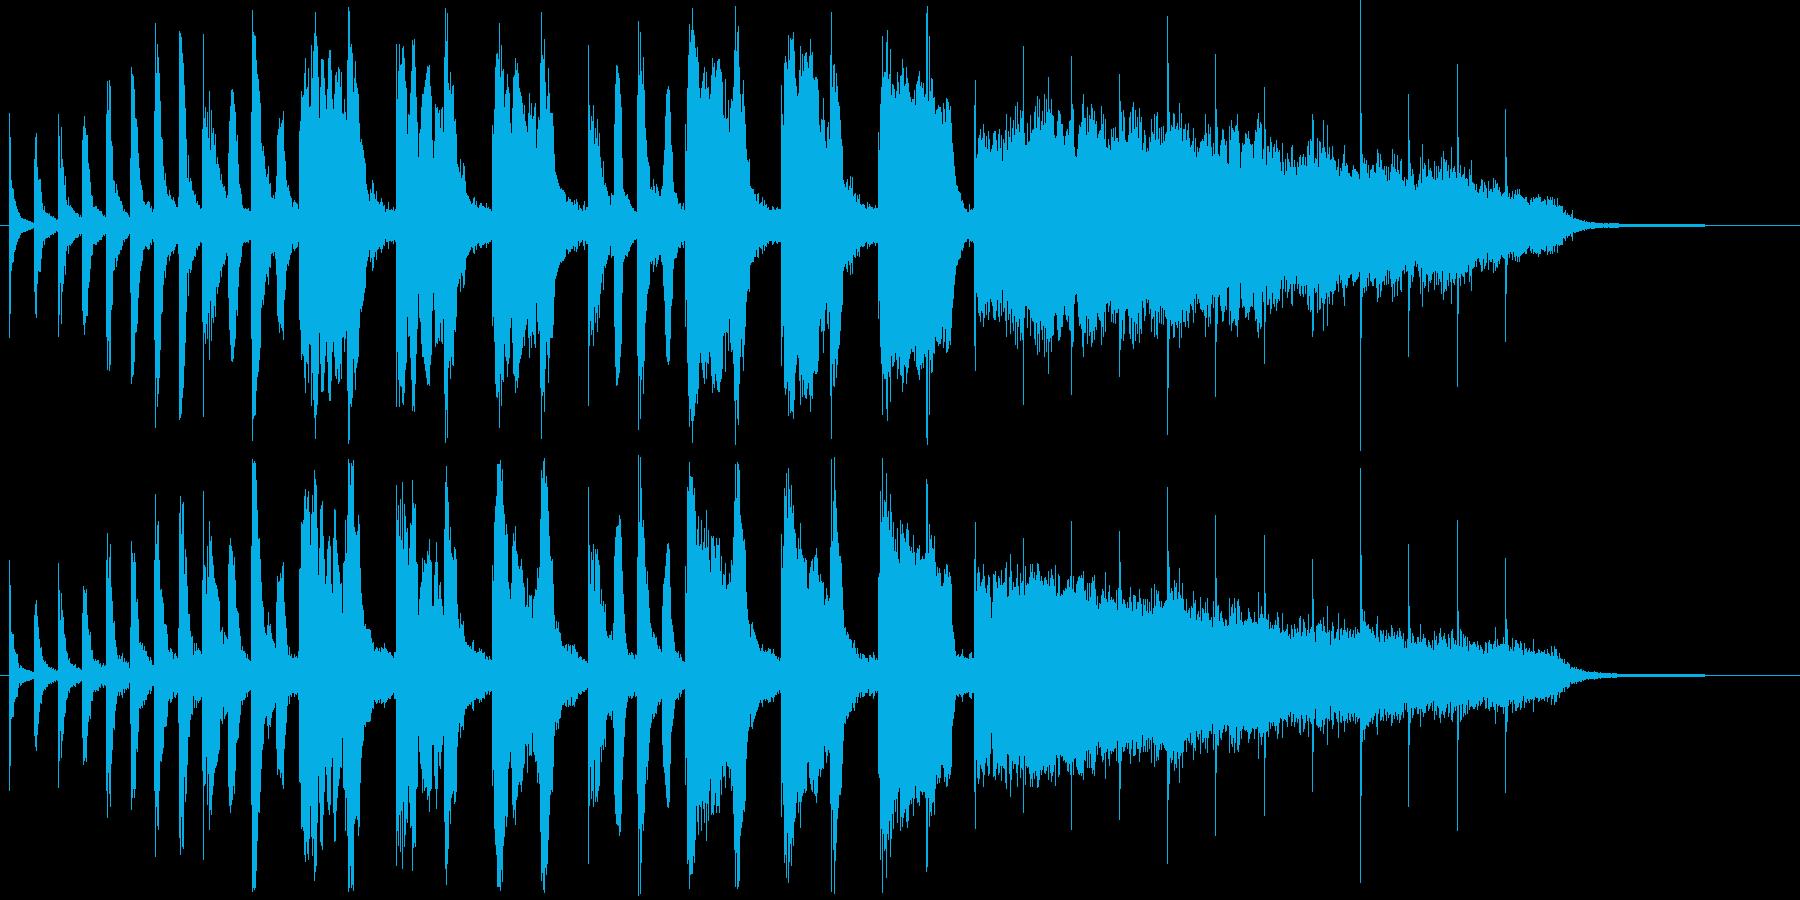 ポップでかわいい跳ねのある効果音の再生済みの波形